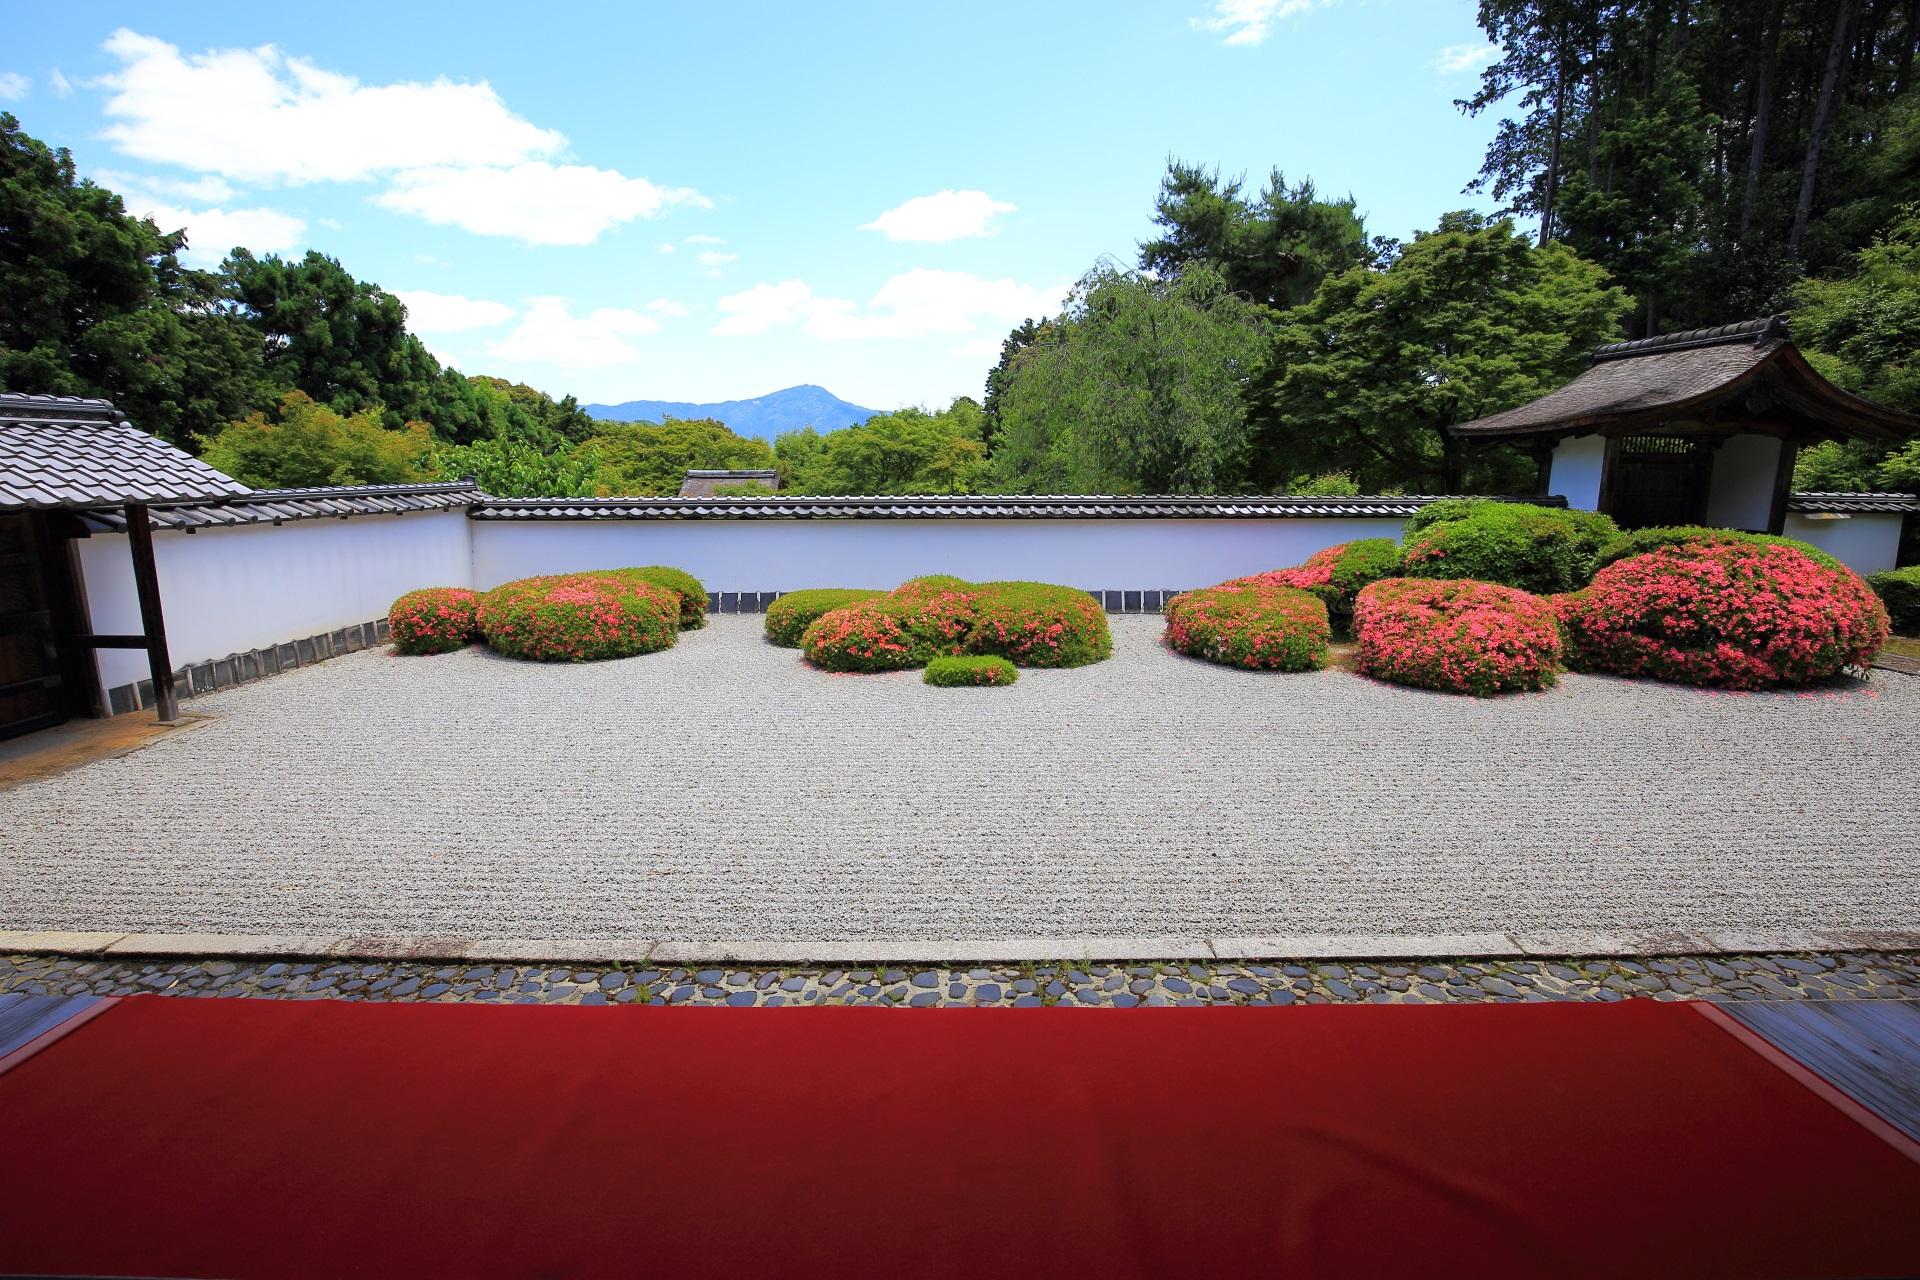 赤い絨毯とサツキが咲く正伝寺の枯山水庭園